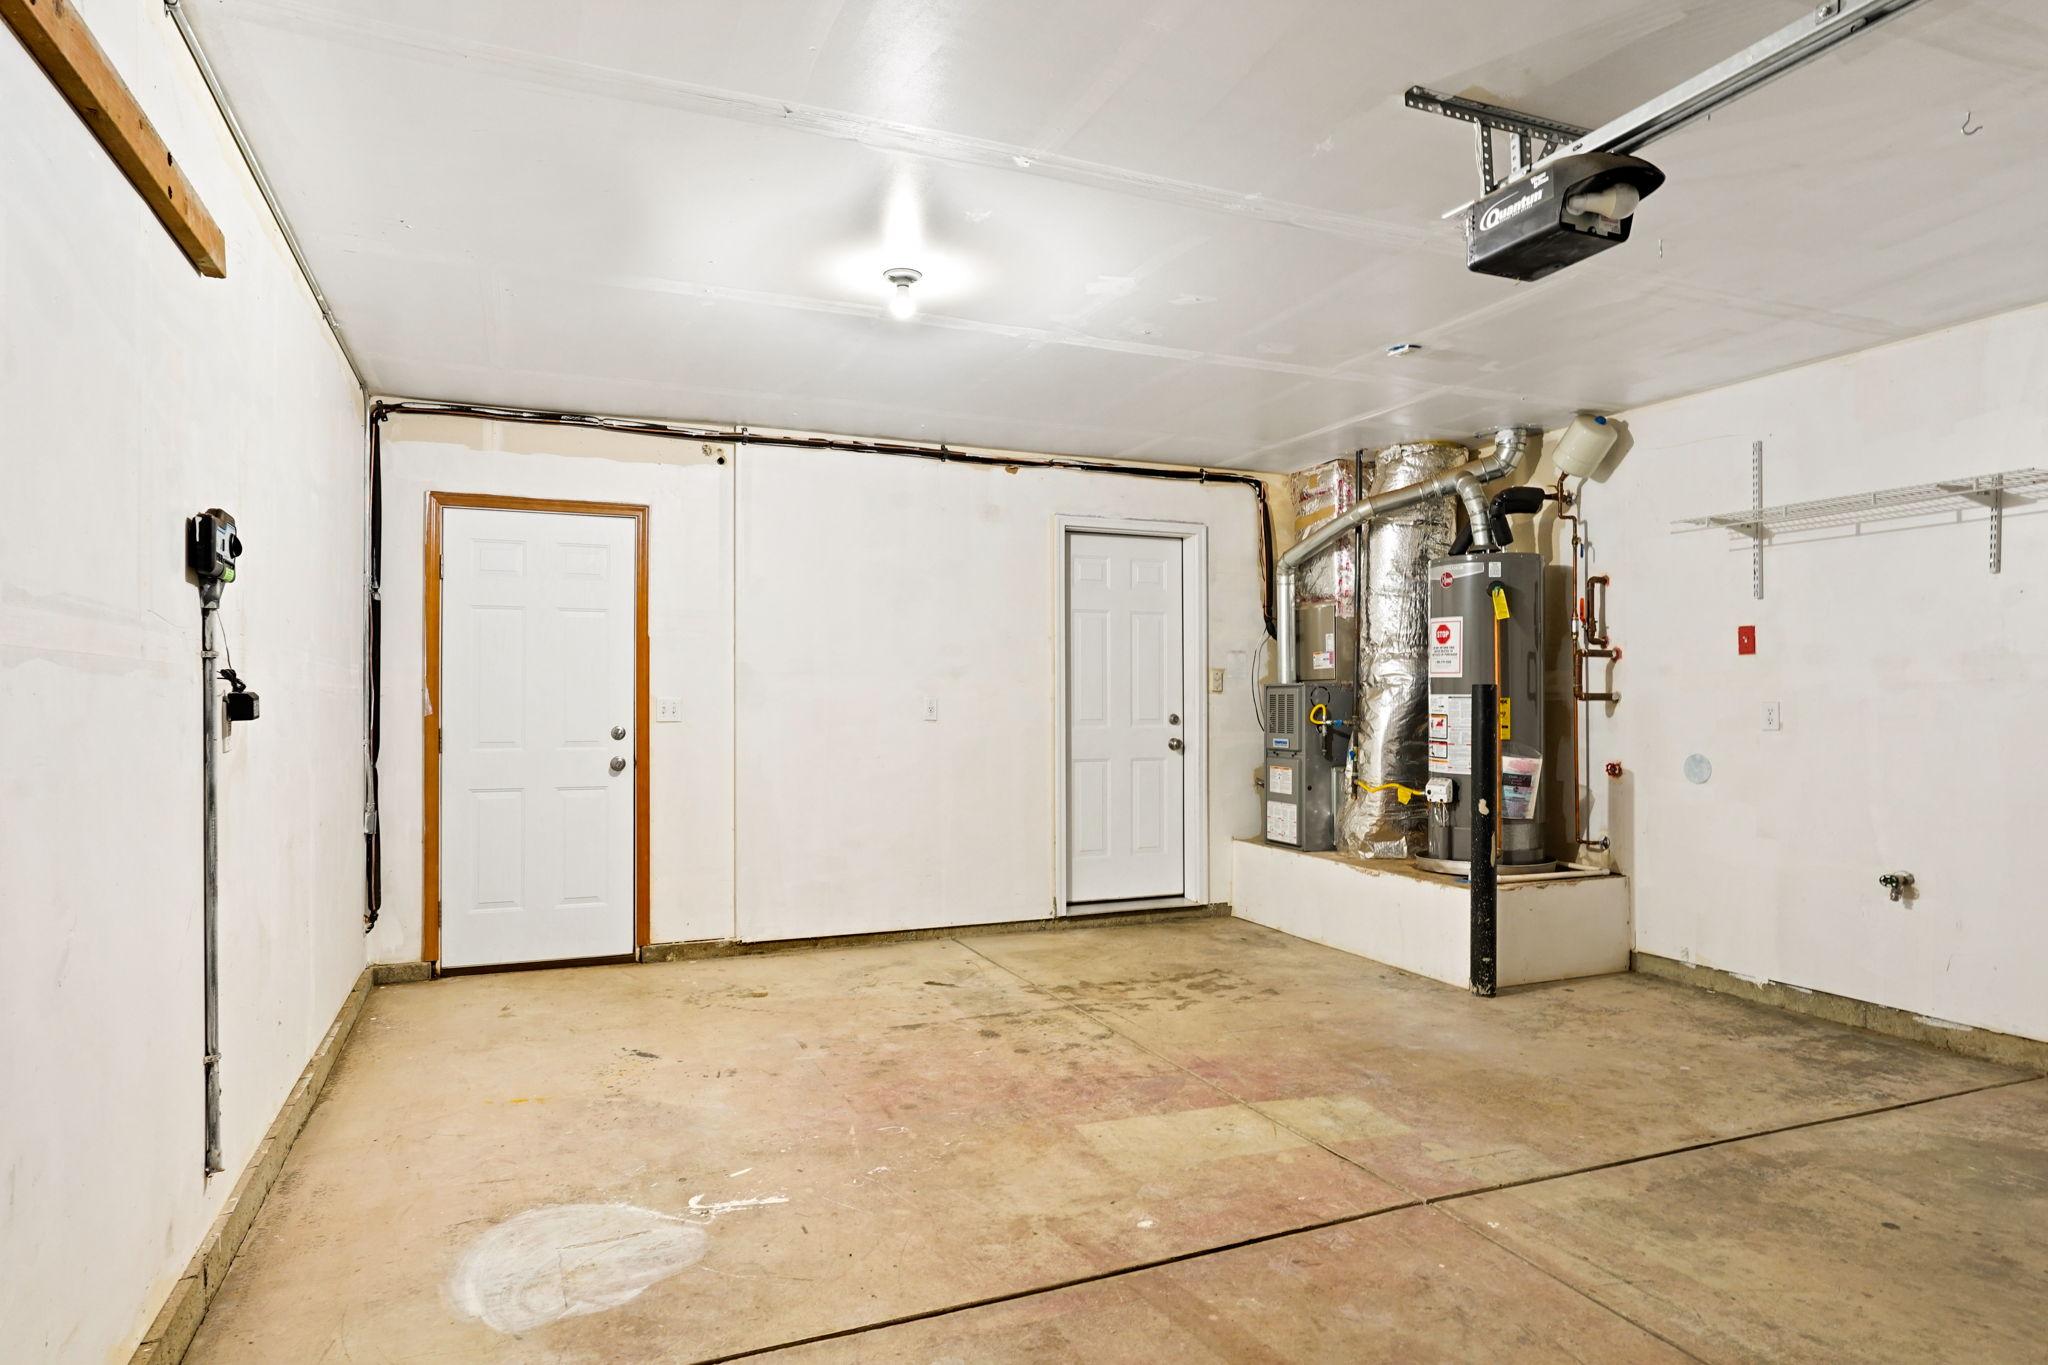 Two car garage w/ door opener